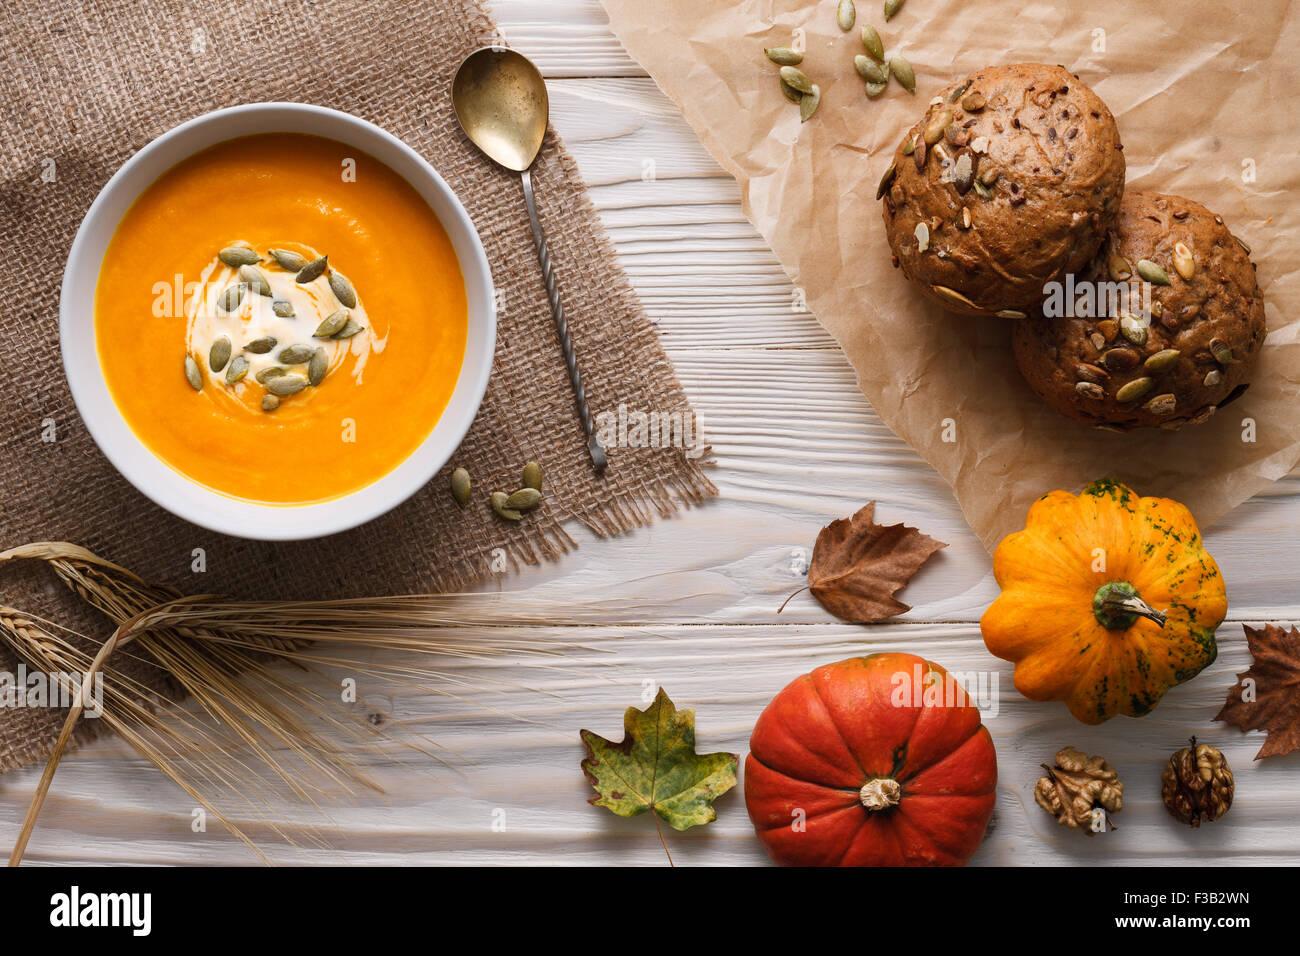 Traditionelle Kürbissuppe mit Samen und frisch gebacken nur Roggen Verbote auf weißem Holz Hintergrund. Stockfoto